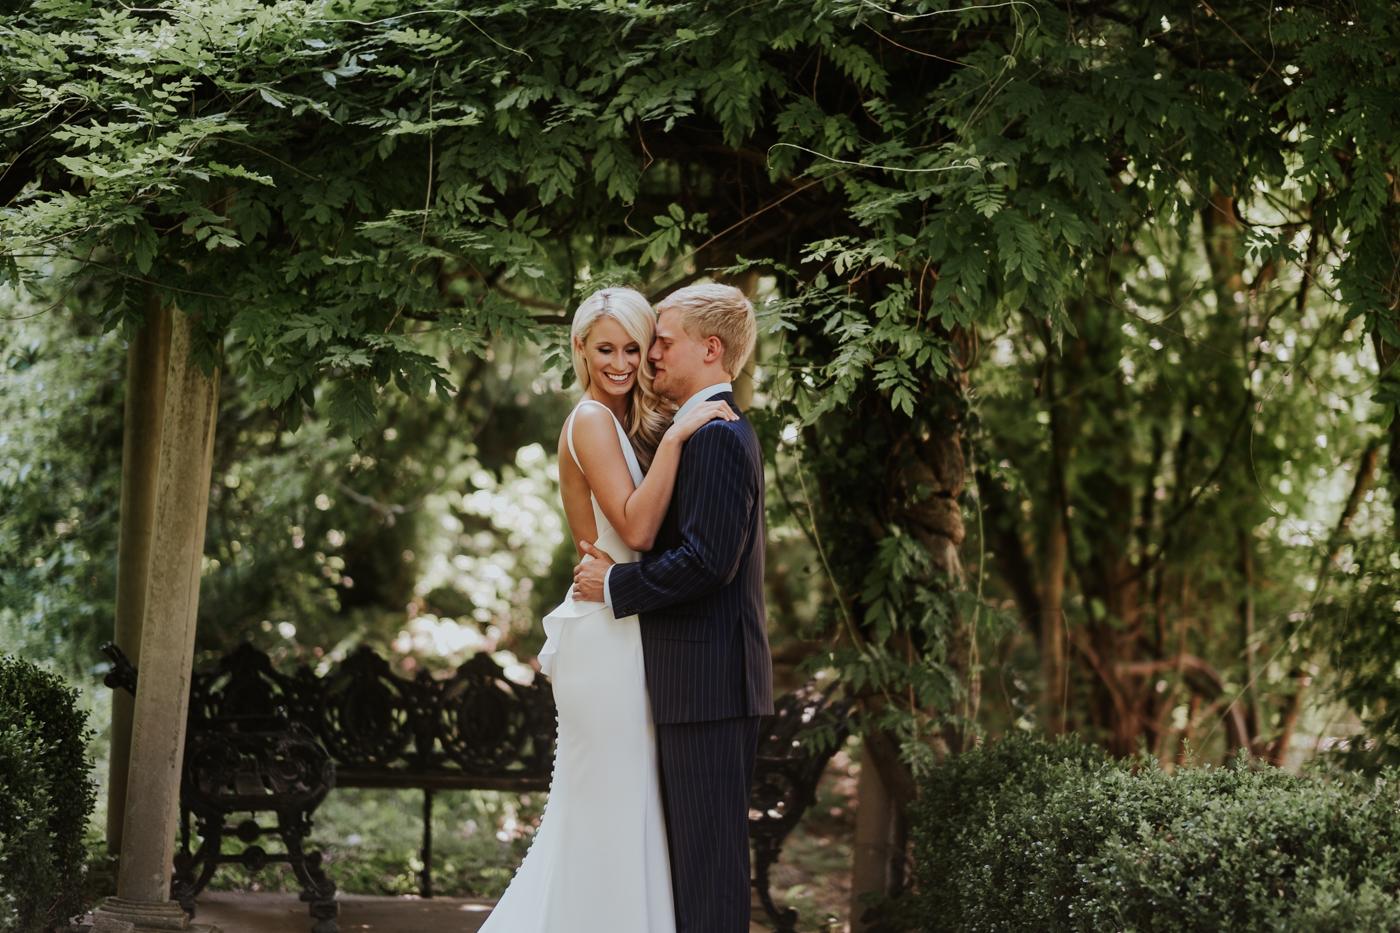 Sierra+Jacob.Wedding.Blog©mileswittboyer.com2018-55.jpg